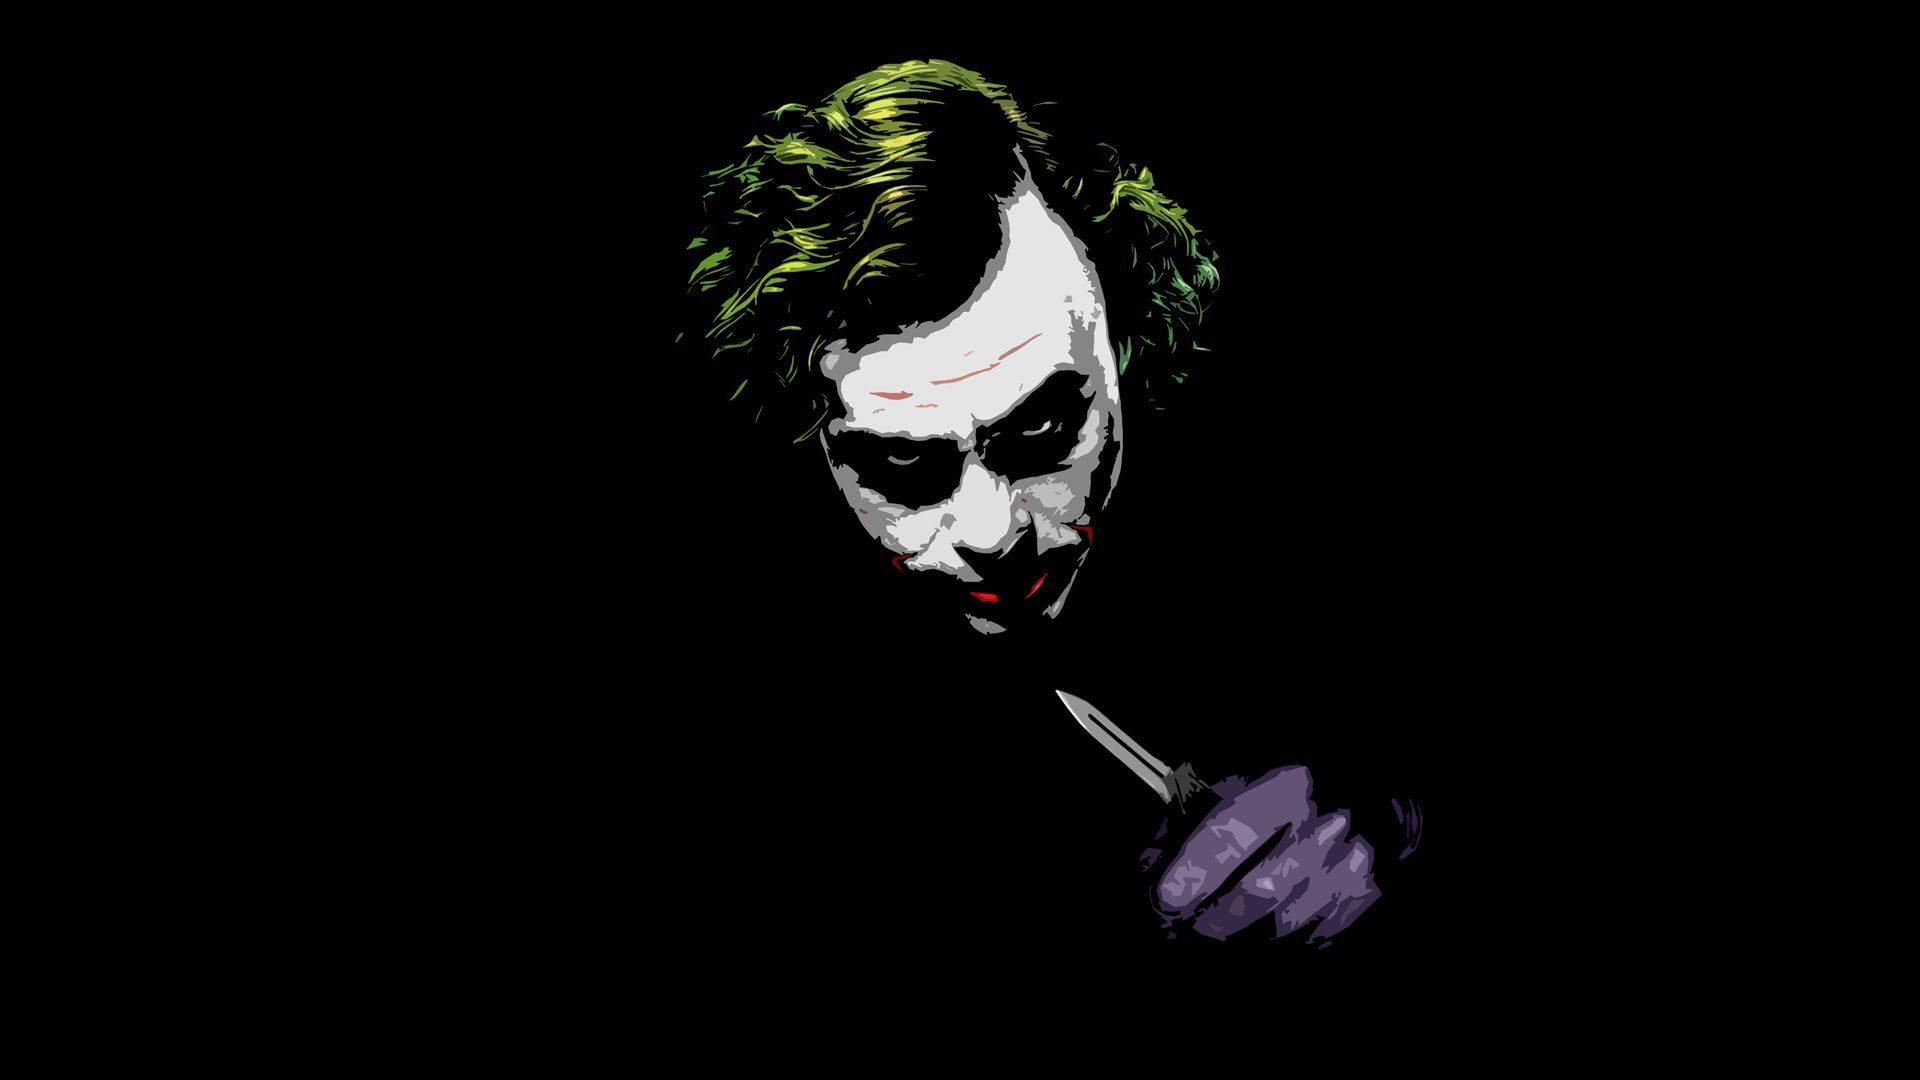 The Joker   The Dark Knight HD Appealing Wallpaper 1920x1080